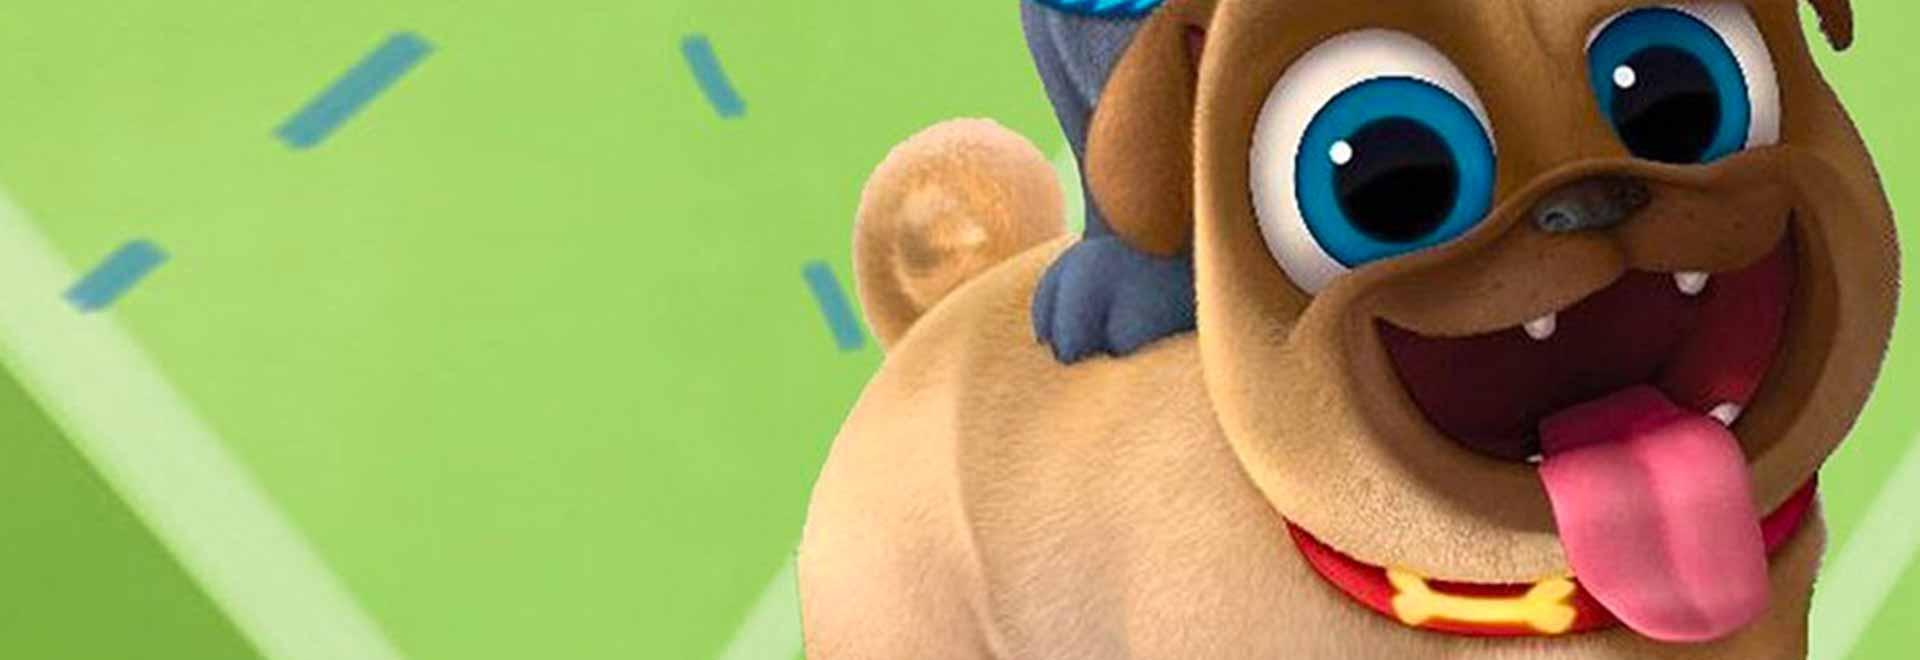 Ruff-Ruff, cane di pezza